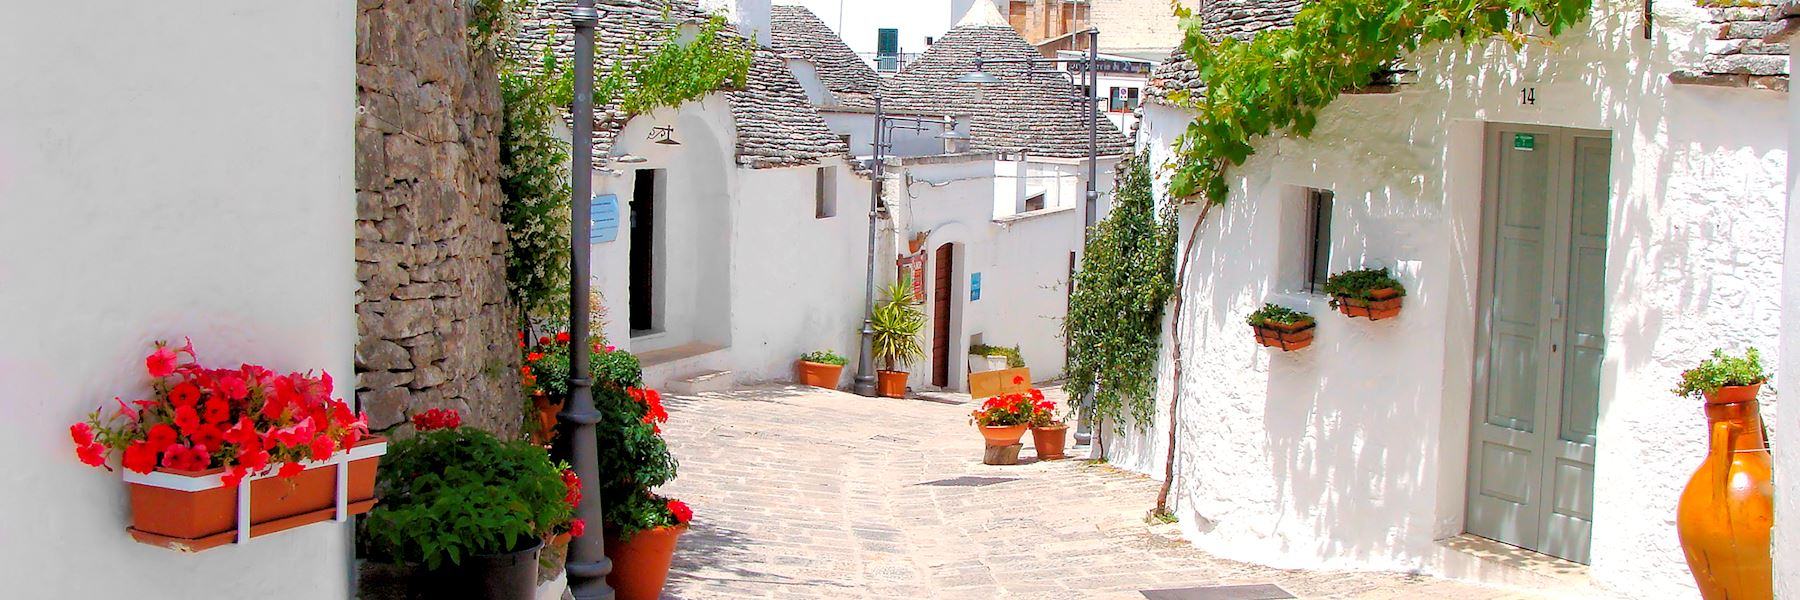 Visit Puglia, Italy